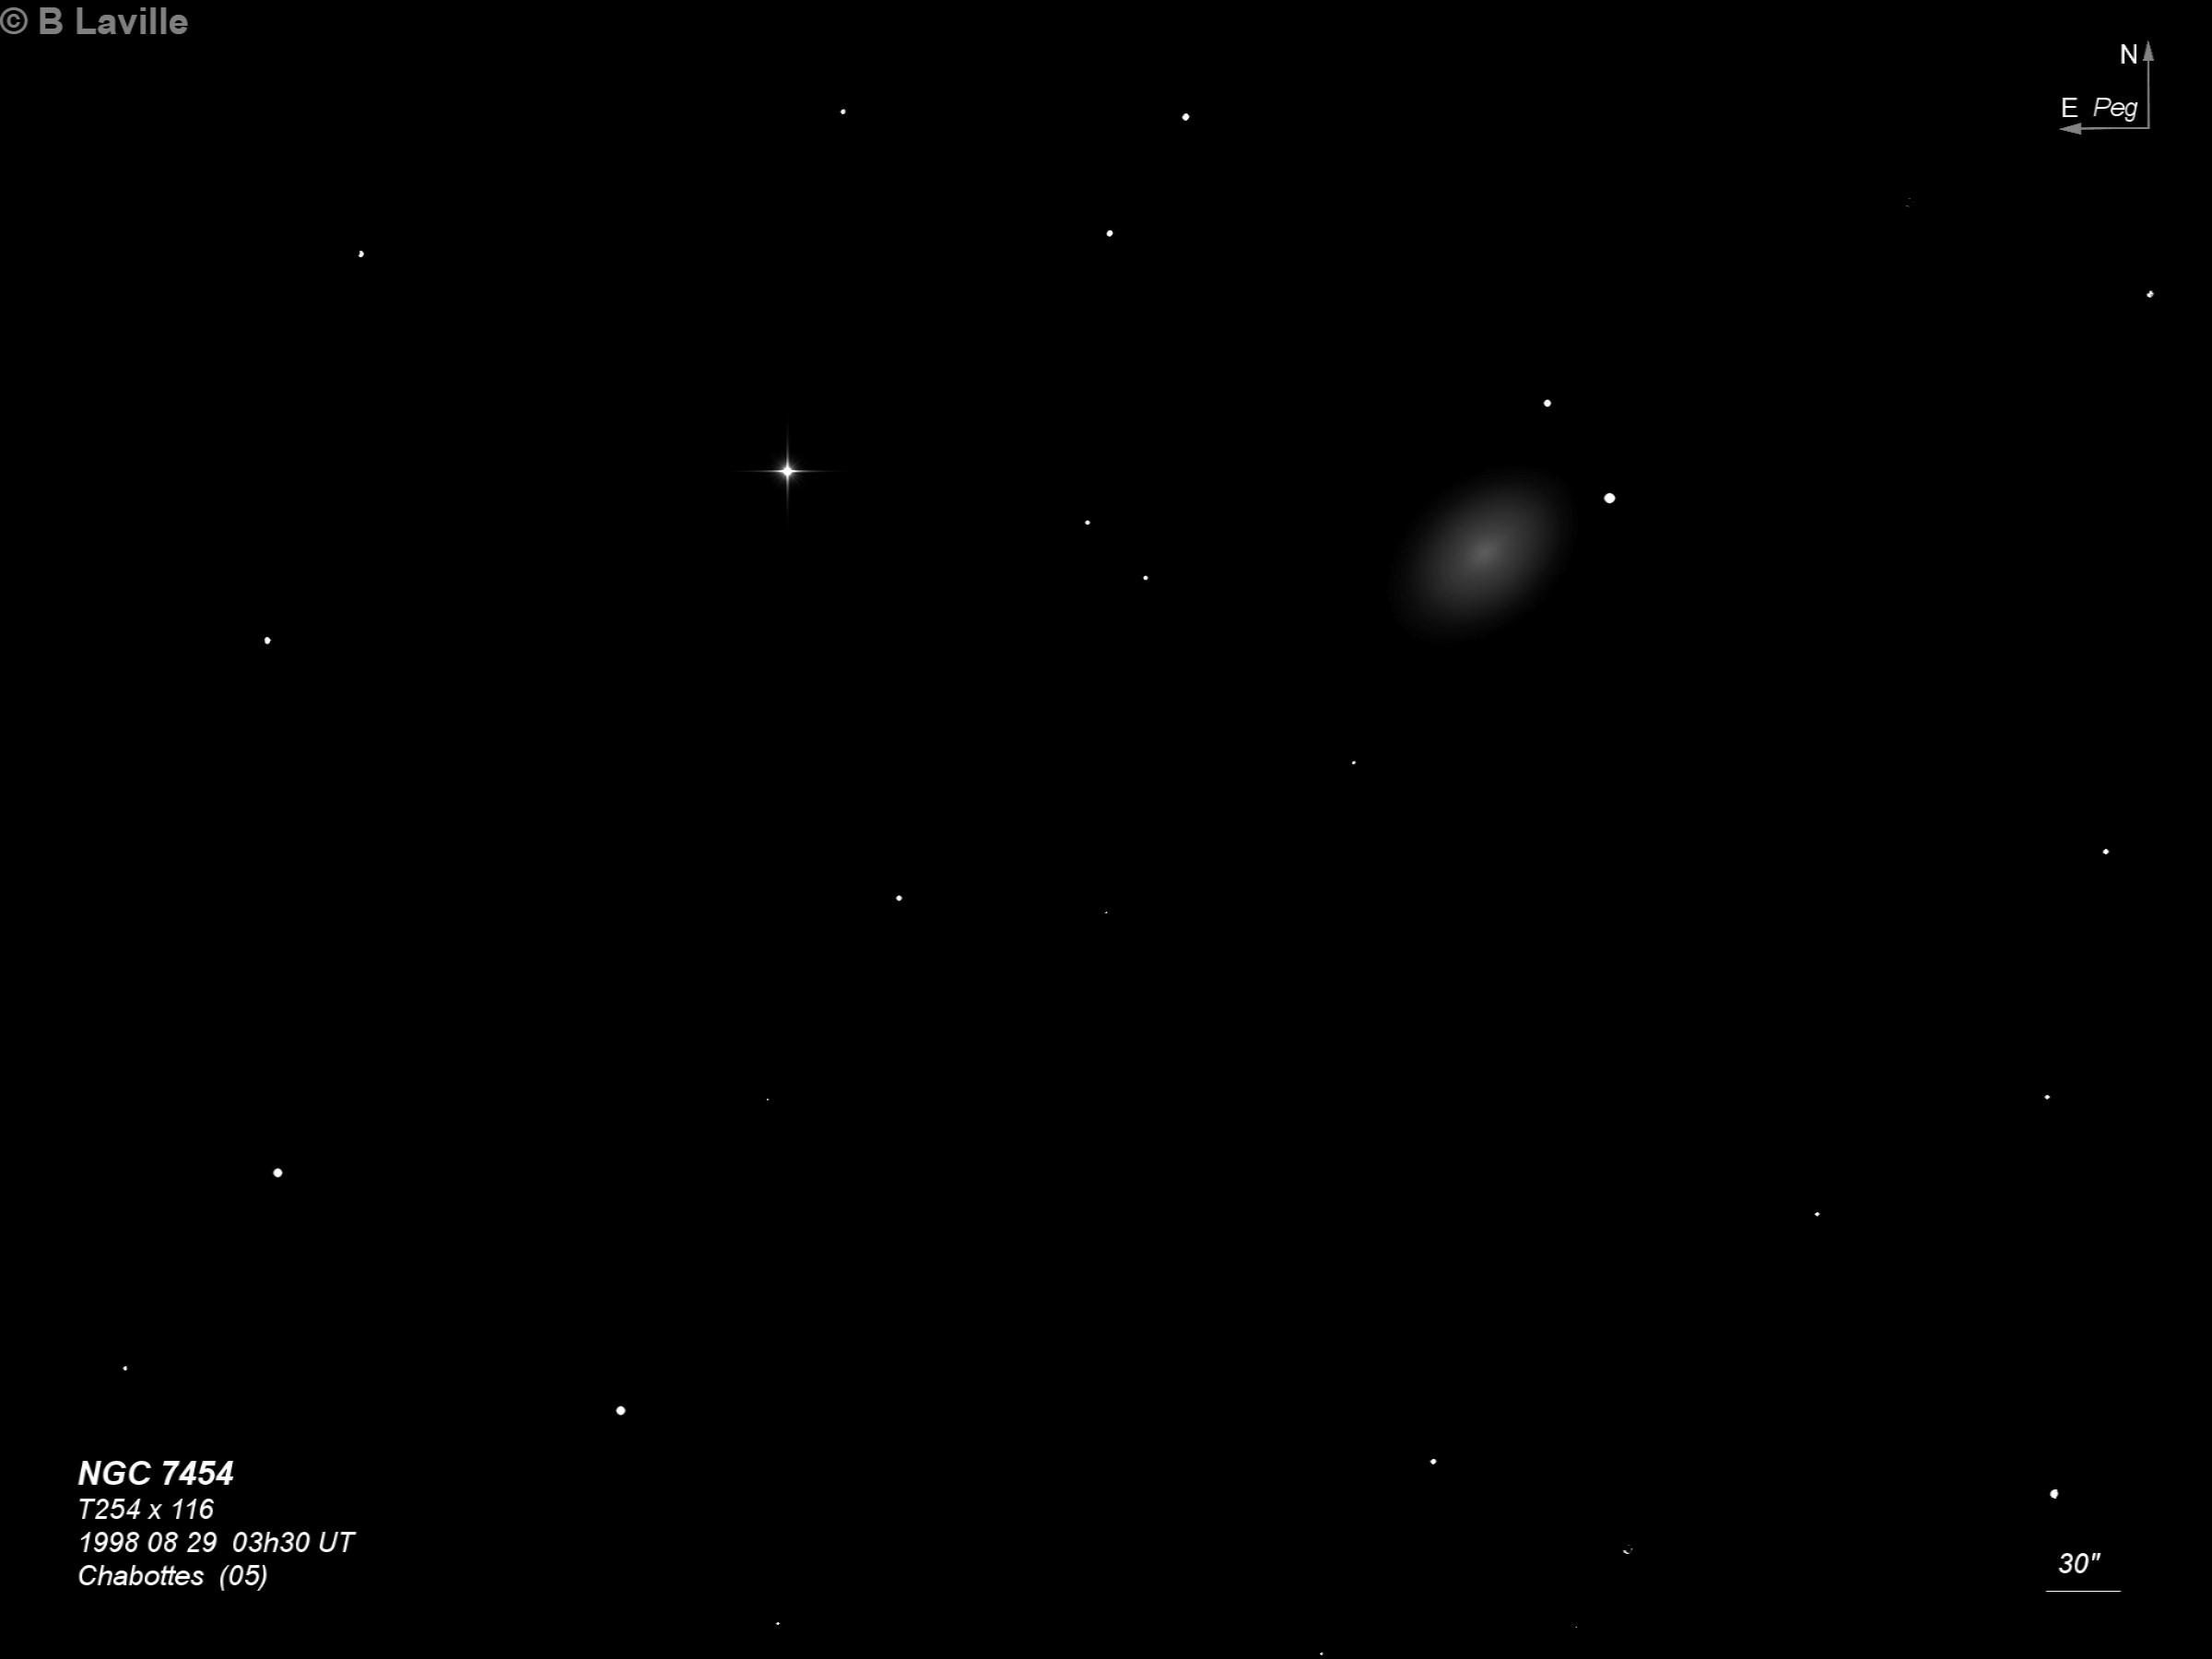 NGC 7454